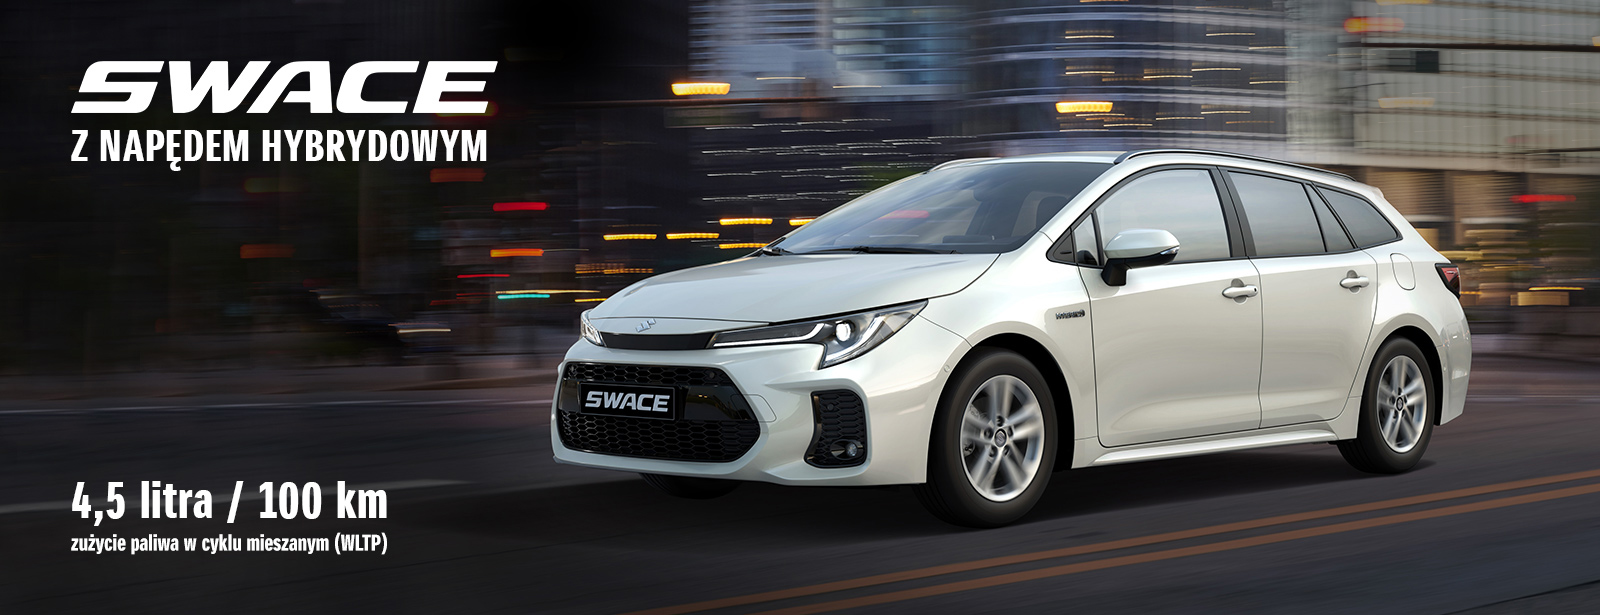 Suzuki Swace z napędem hybrydowym